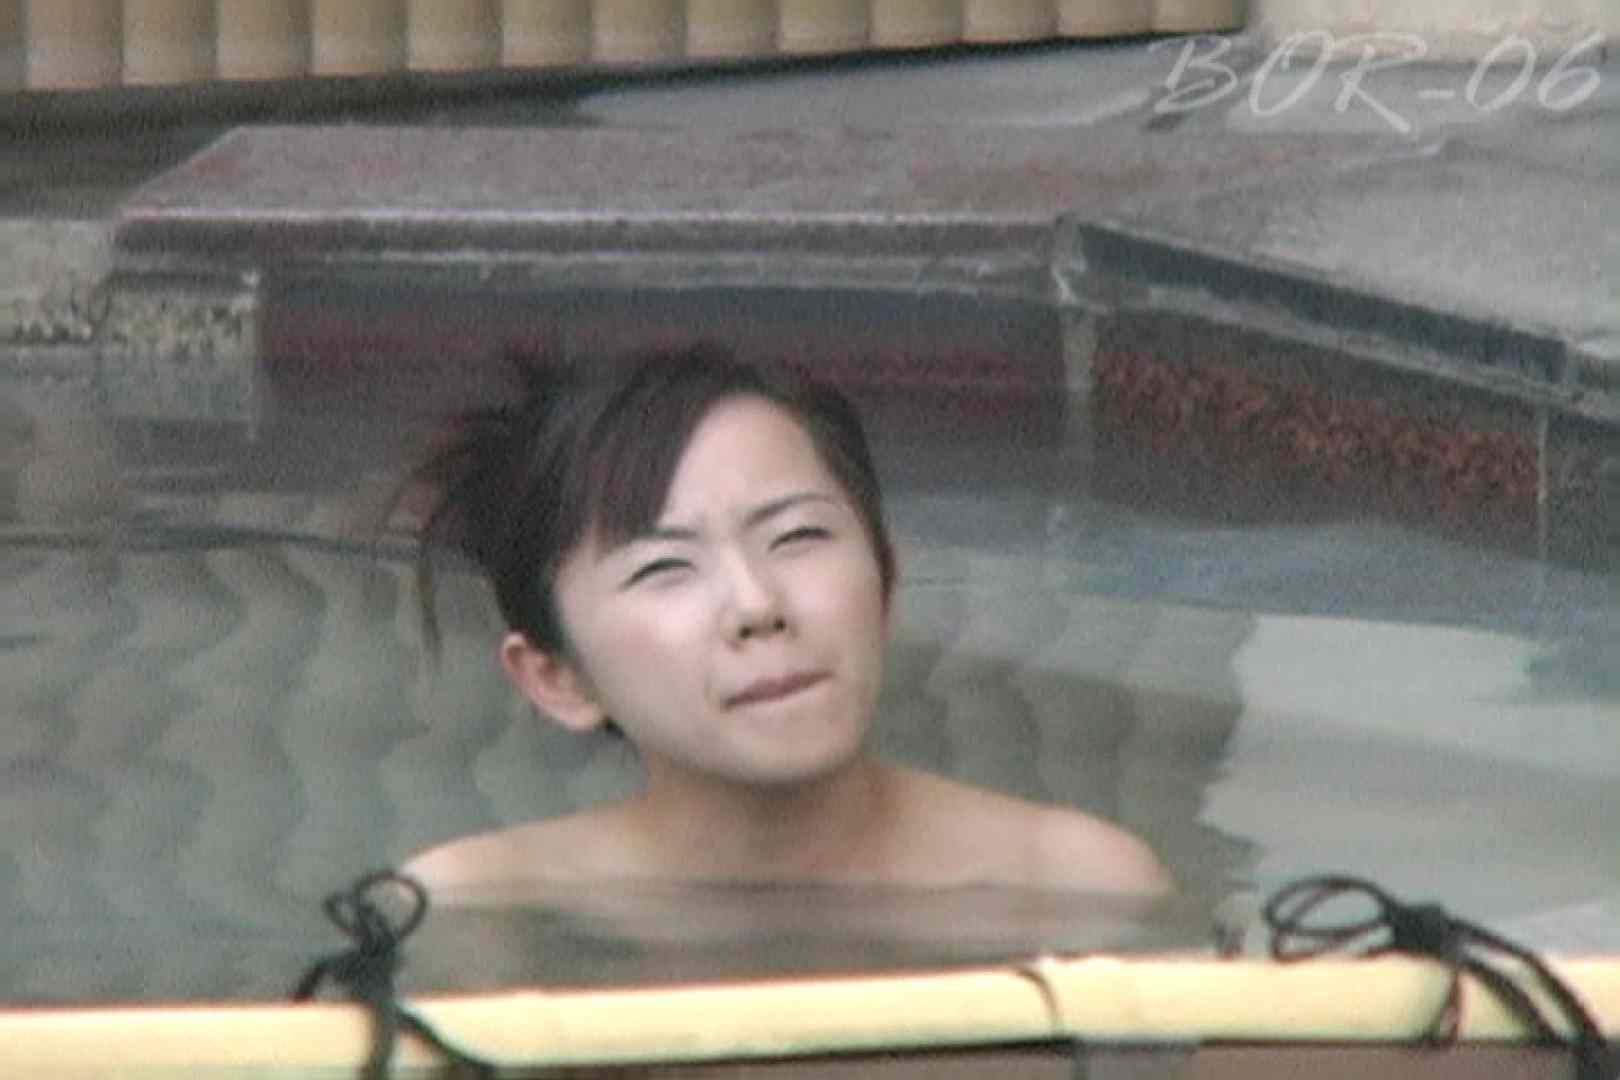 Aquaな露天風呂Vol.521 露天 | 盗撮  96pic 52